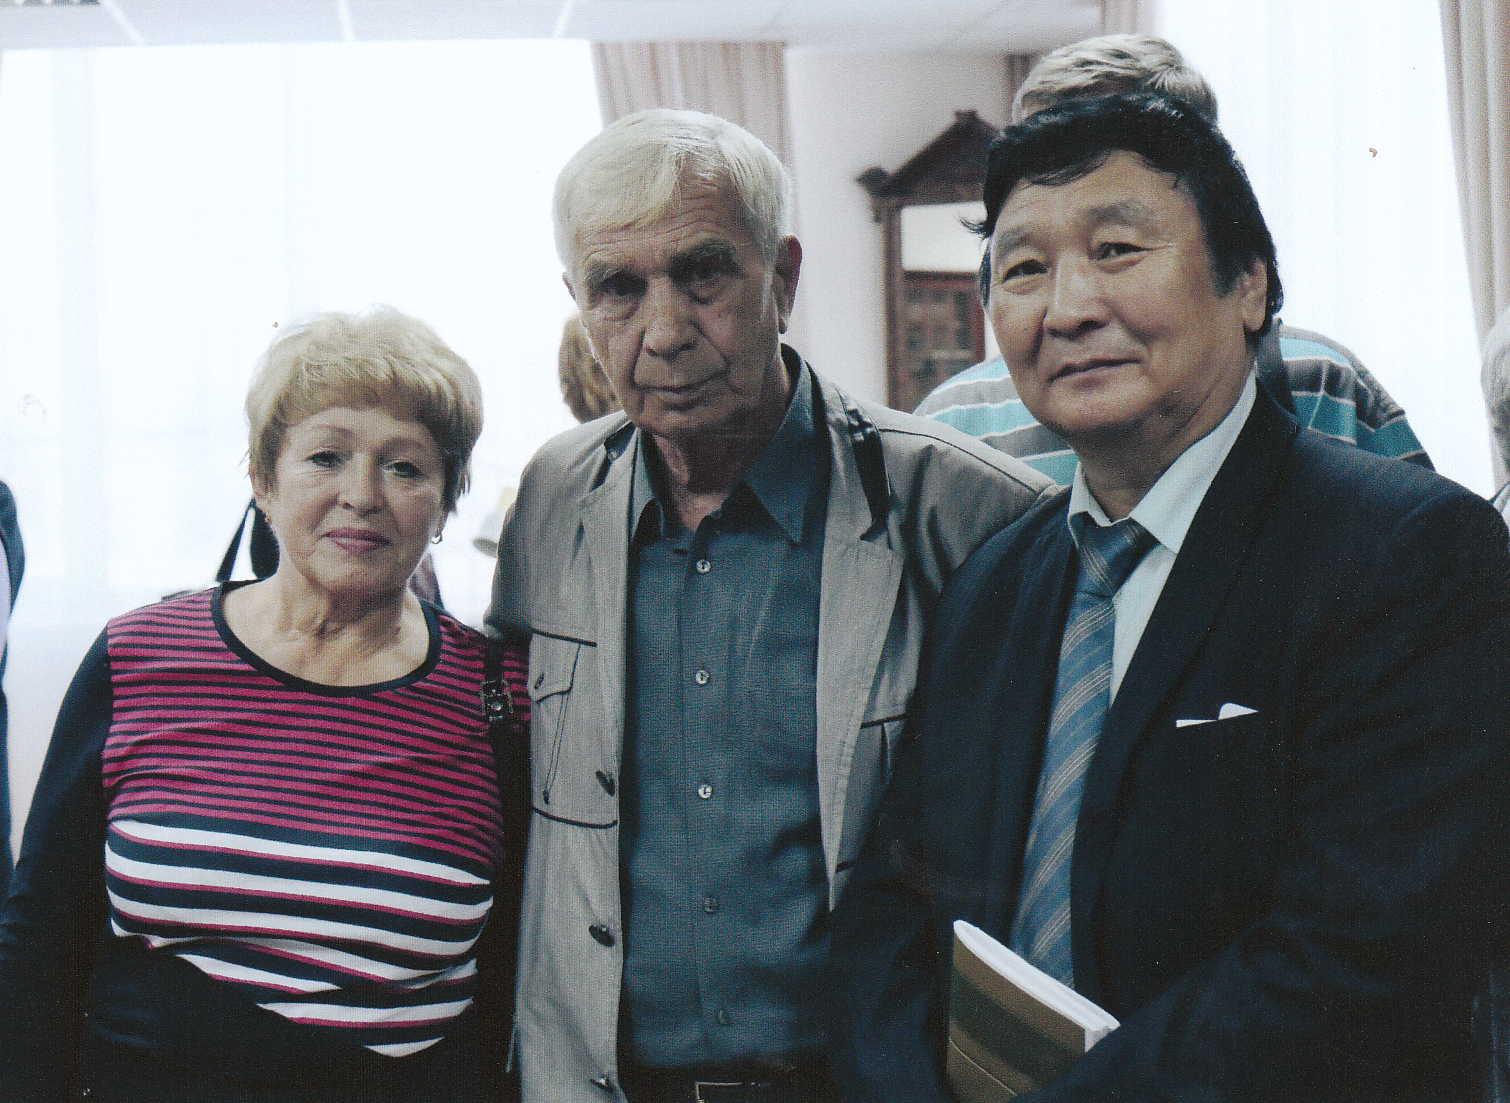 С дочерью сибирского классика Евгенией Молчановой и известным прозаиком из Якутии Николаем Лугиновым